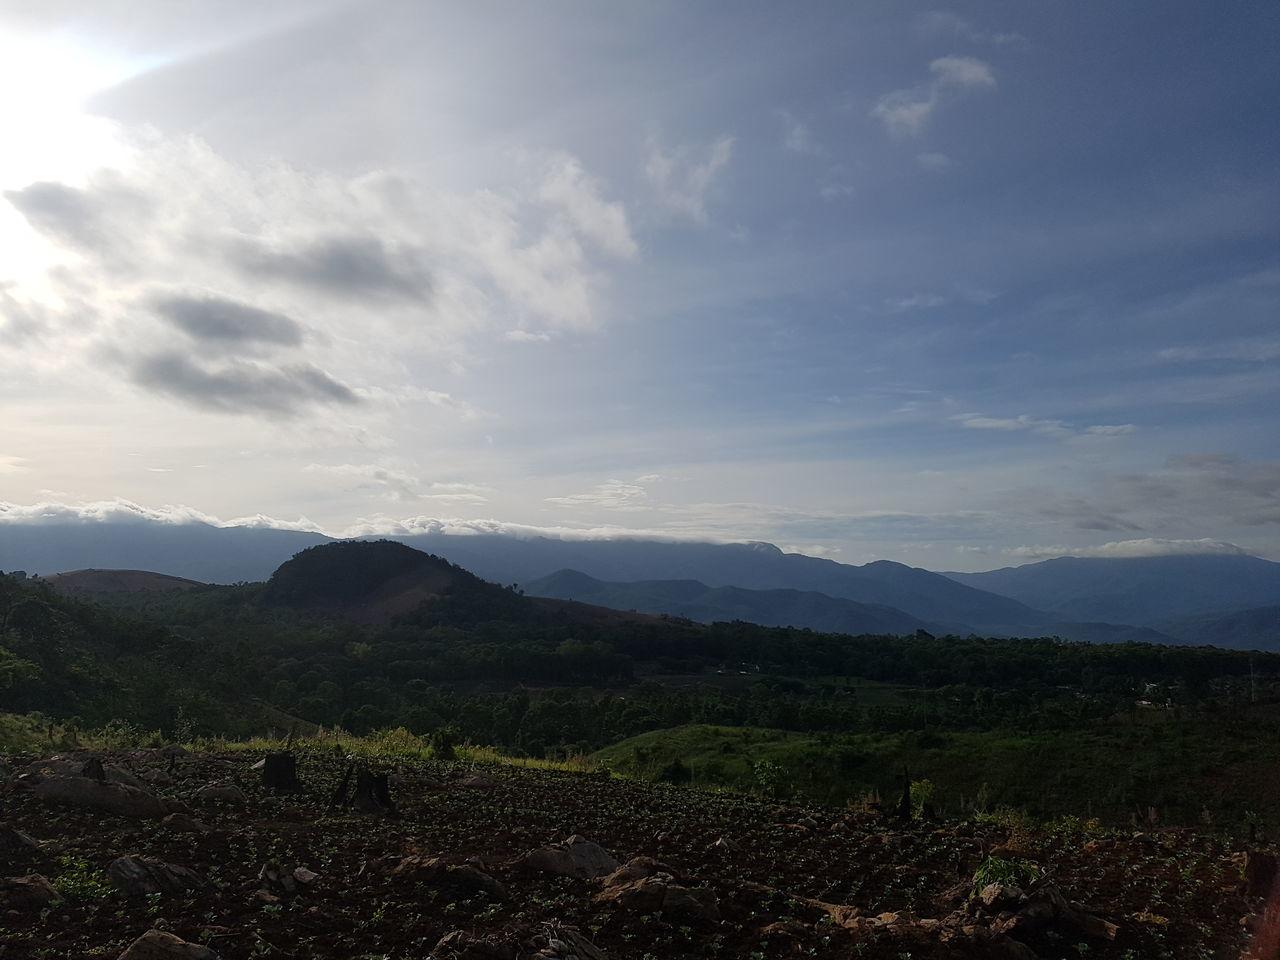 วิวสวย วิวภูเขา วิว ธรรมชาติ Mountain Mountain Range Landscape No People Nature Cloud - Sky Outdoors Beauty In Nature Scenics Tree Sky Day Tea Crop Freshness เชียงใหม่